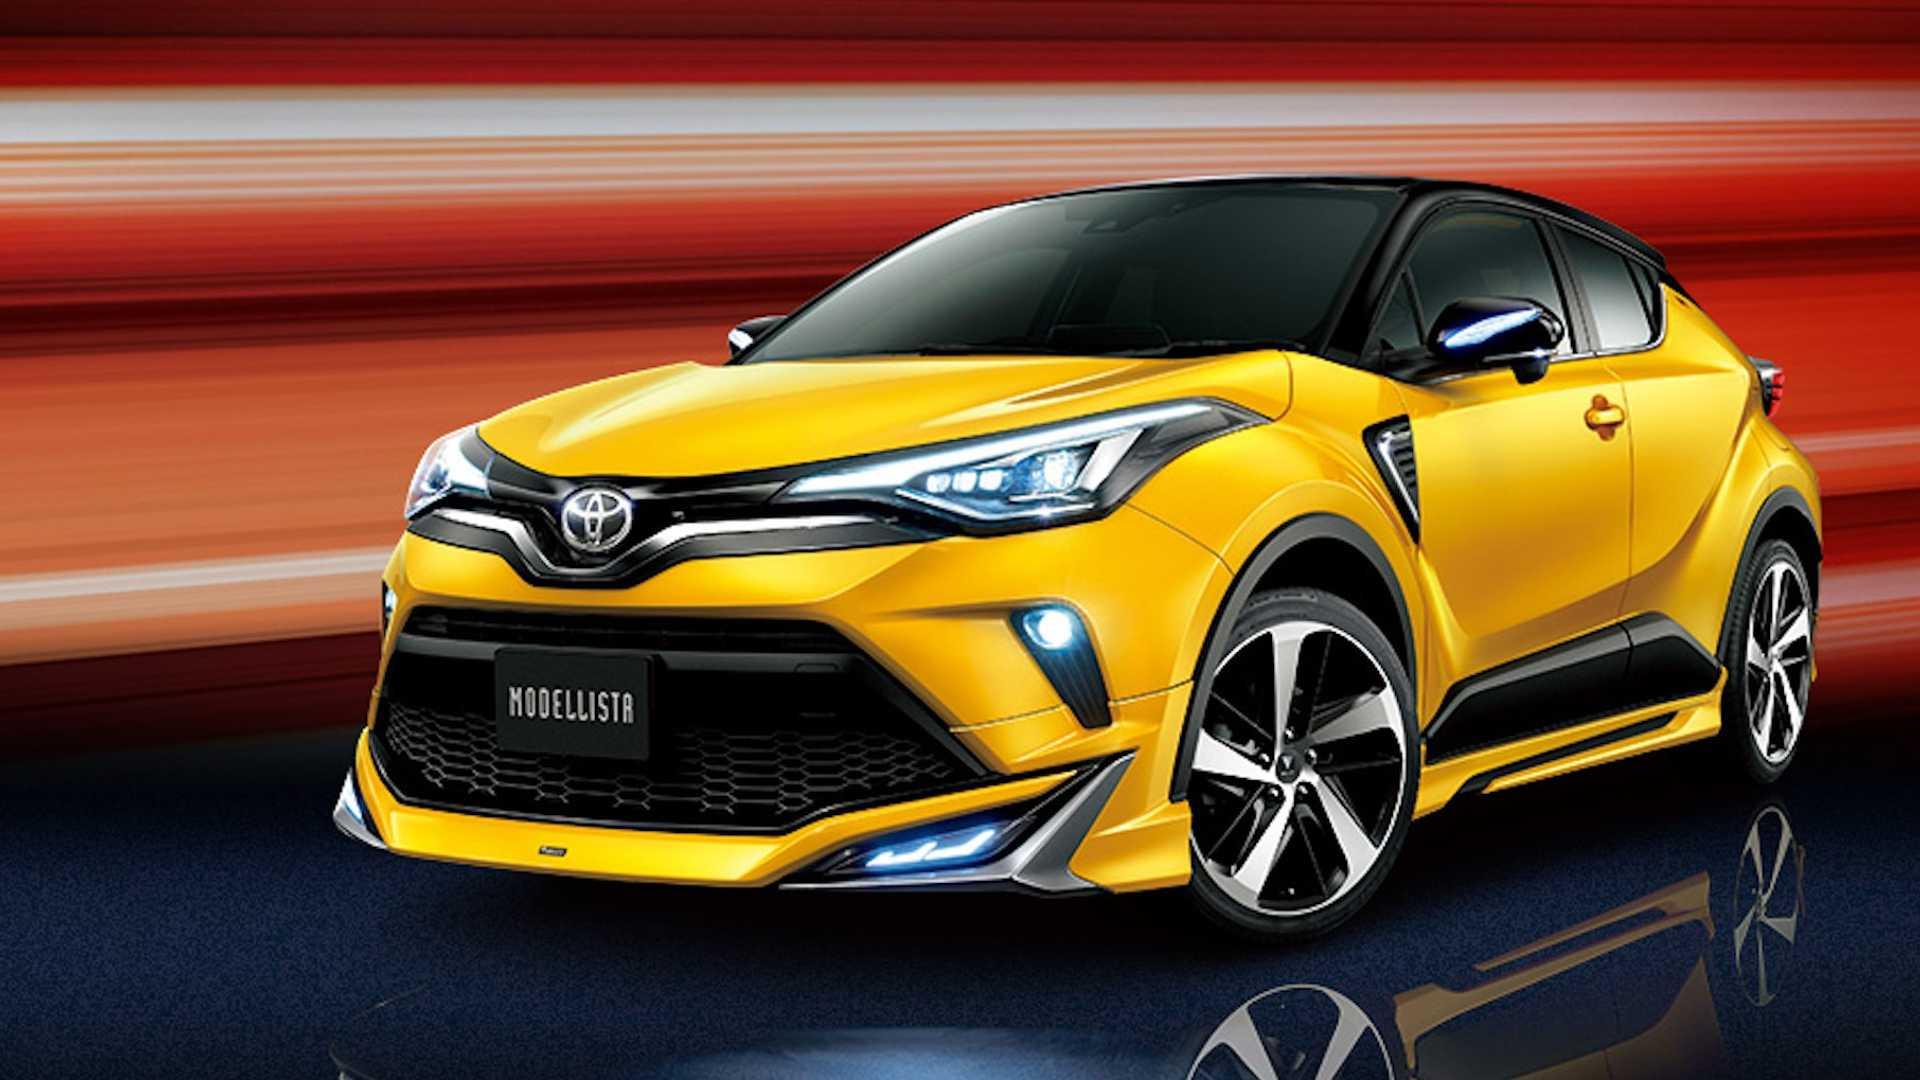 Toyota-C-HR-by-Modellista-1